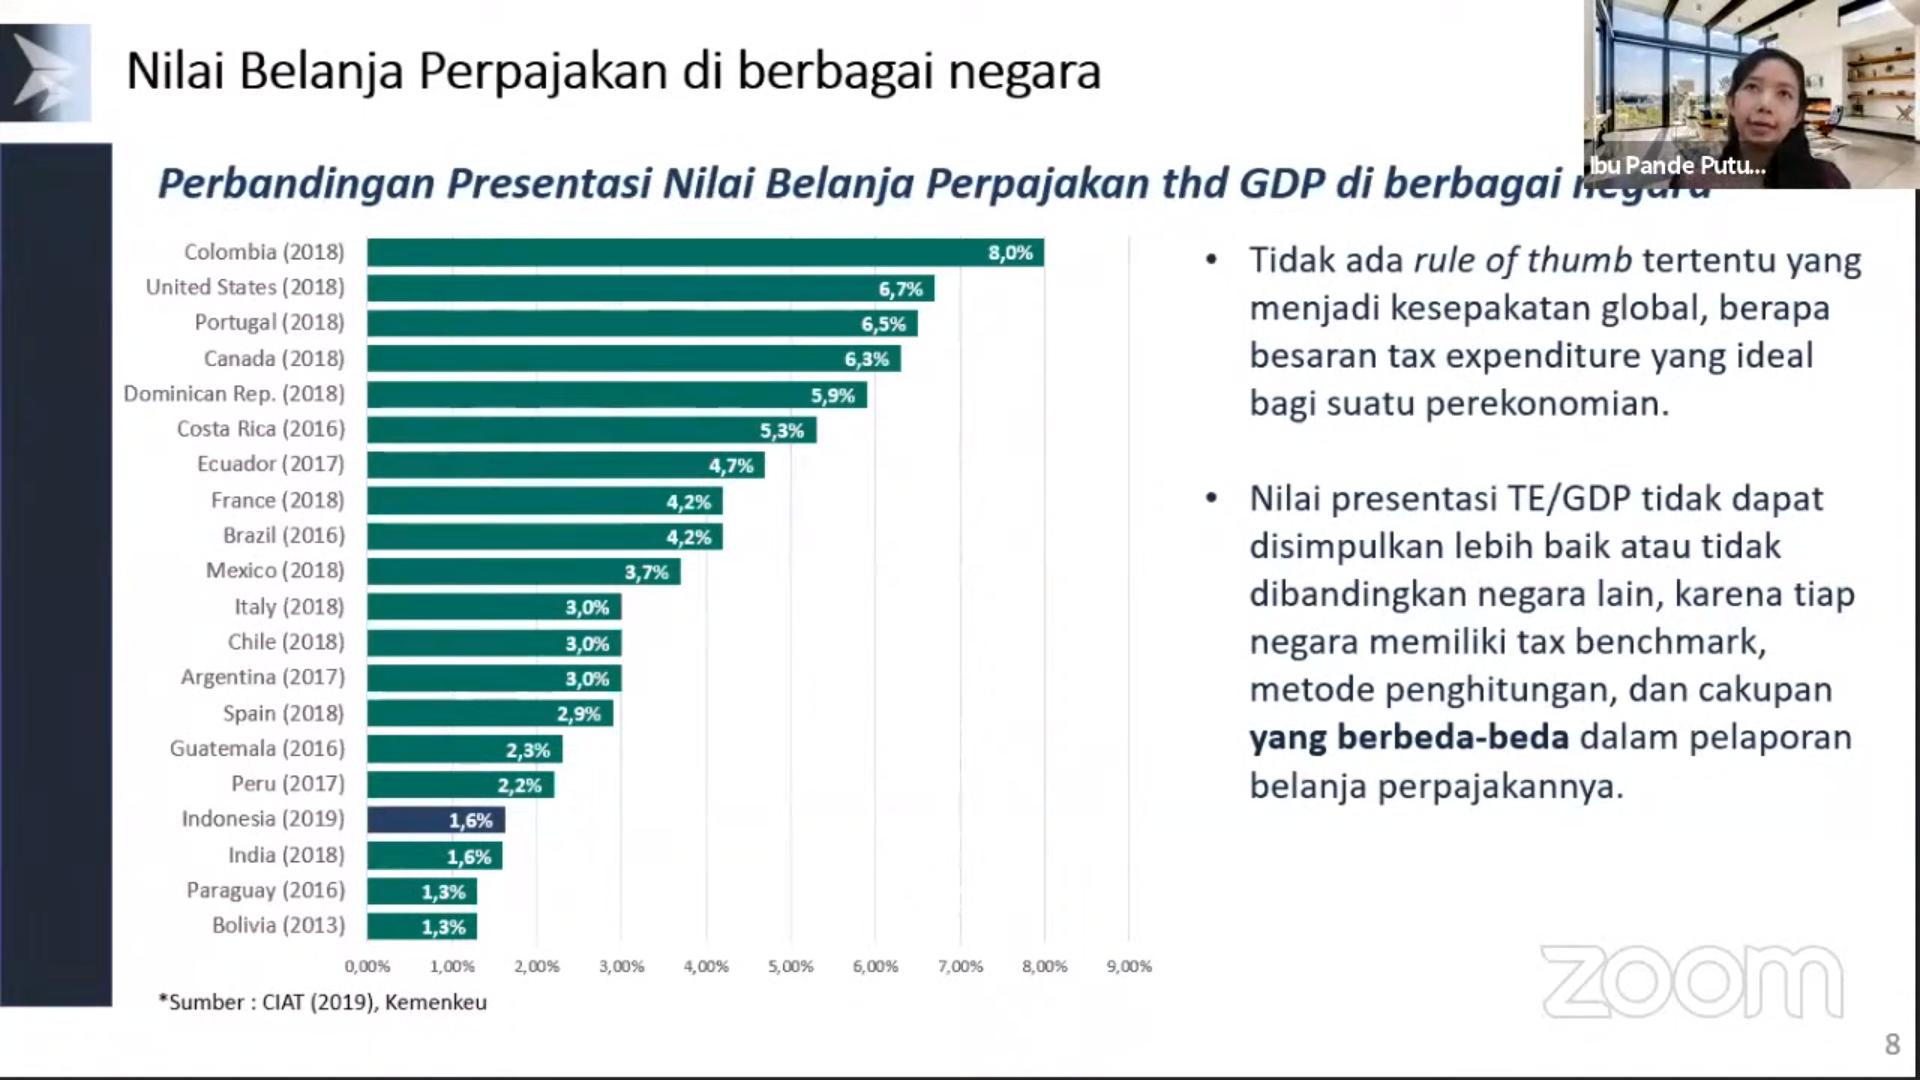 BKF: Nominal Belanja Perpajakan Antarnegara Tak Dapat Dibandingkan